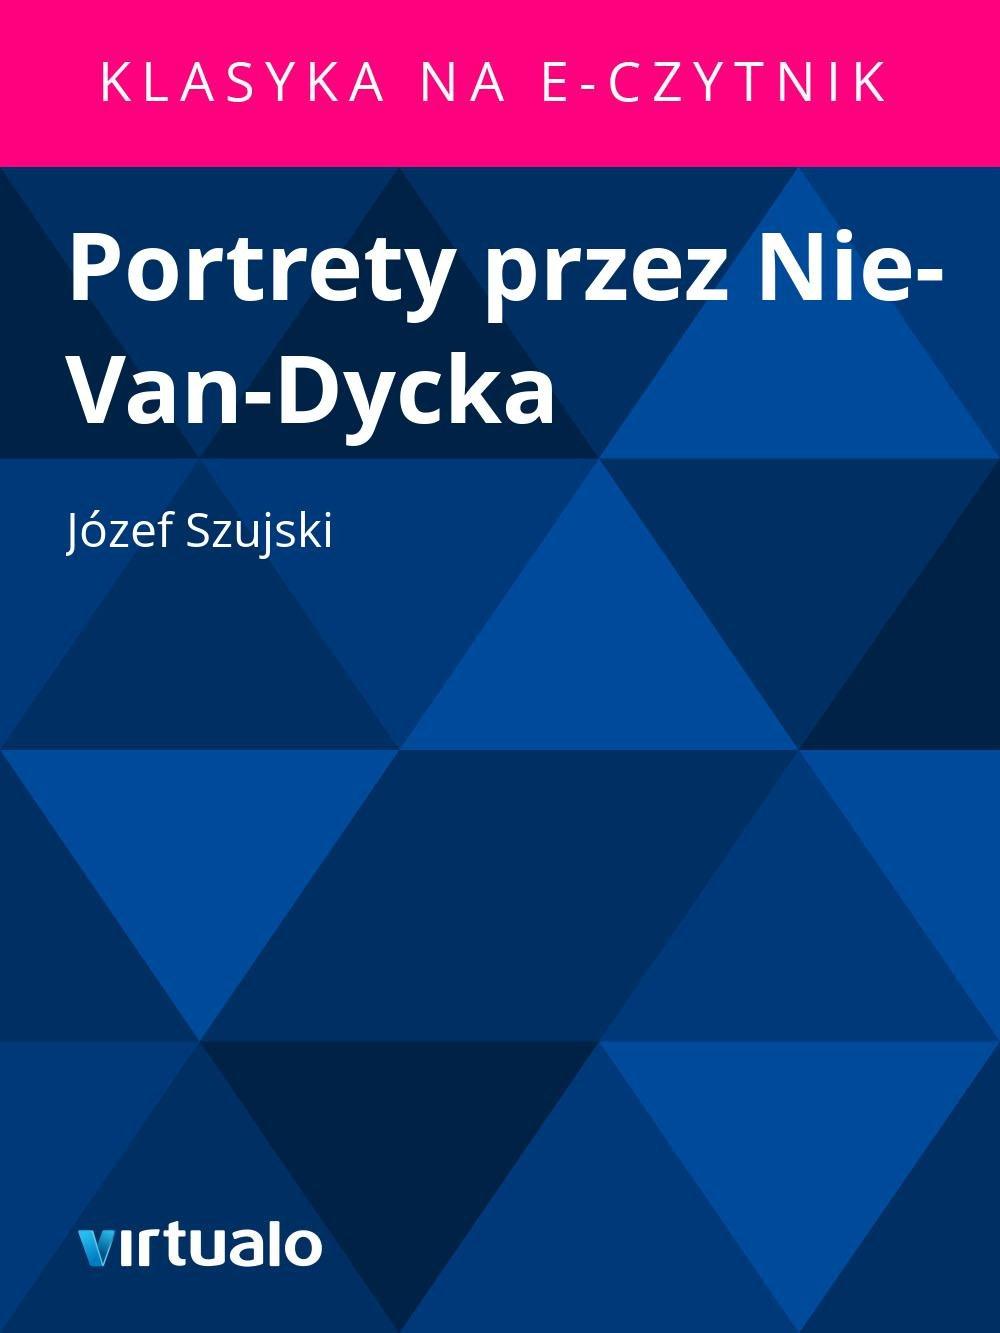 Portrety przez Nie-Van-Dycka - Ebook (Książka EPUB) do pobrania w formacie EPUB